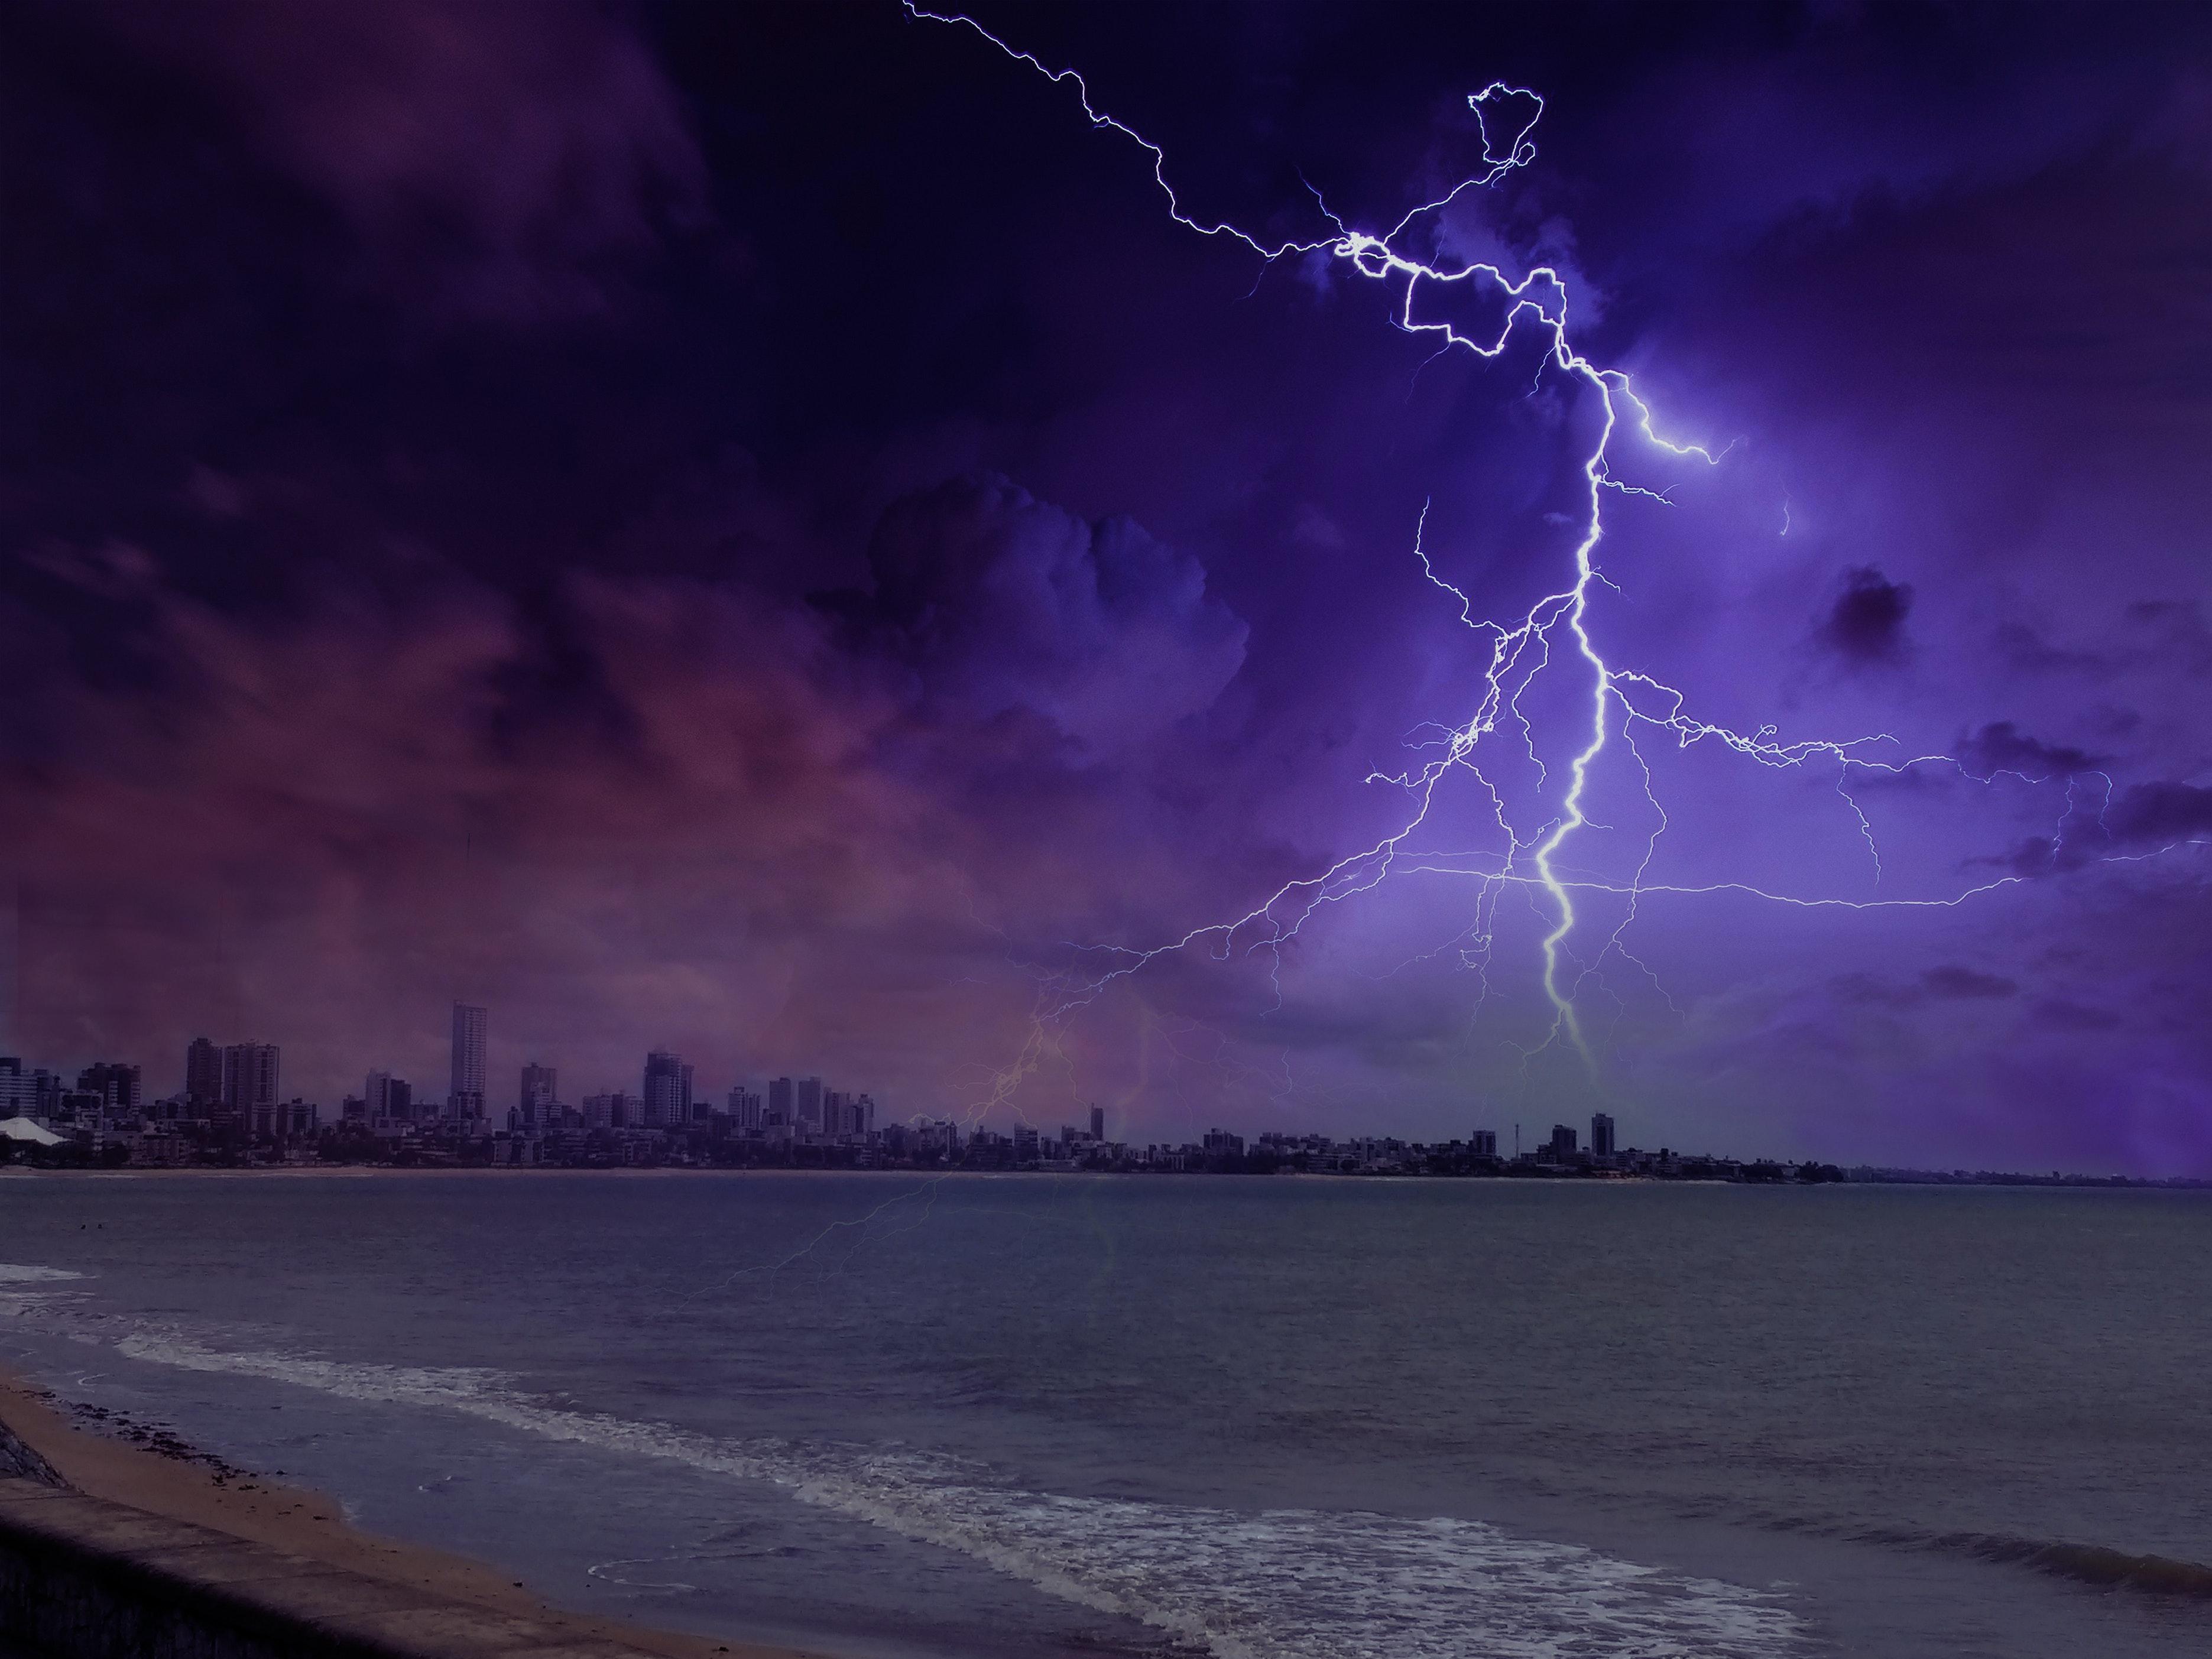 50 beautiful lightning photos pexels free stock photos - Lightning wallpaper 4k ...